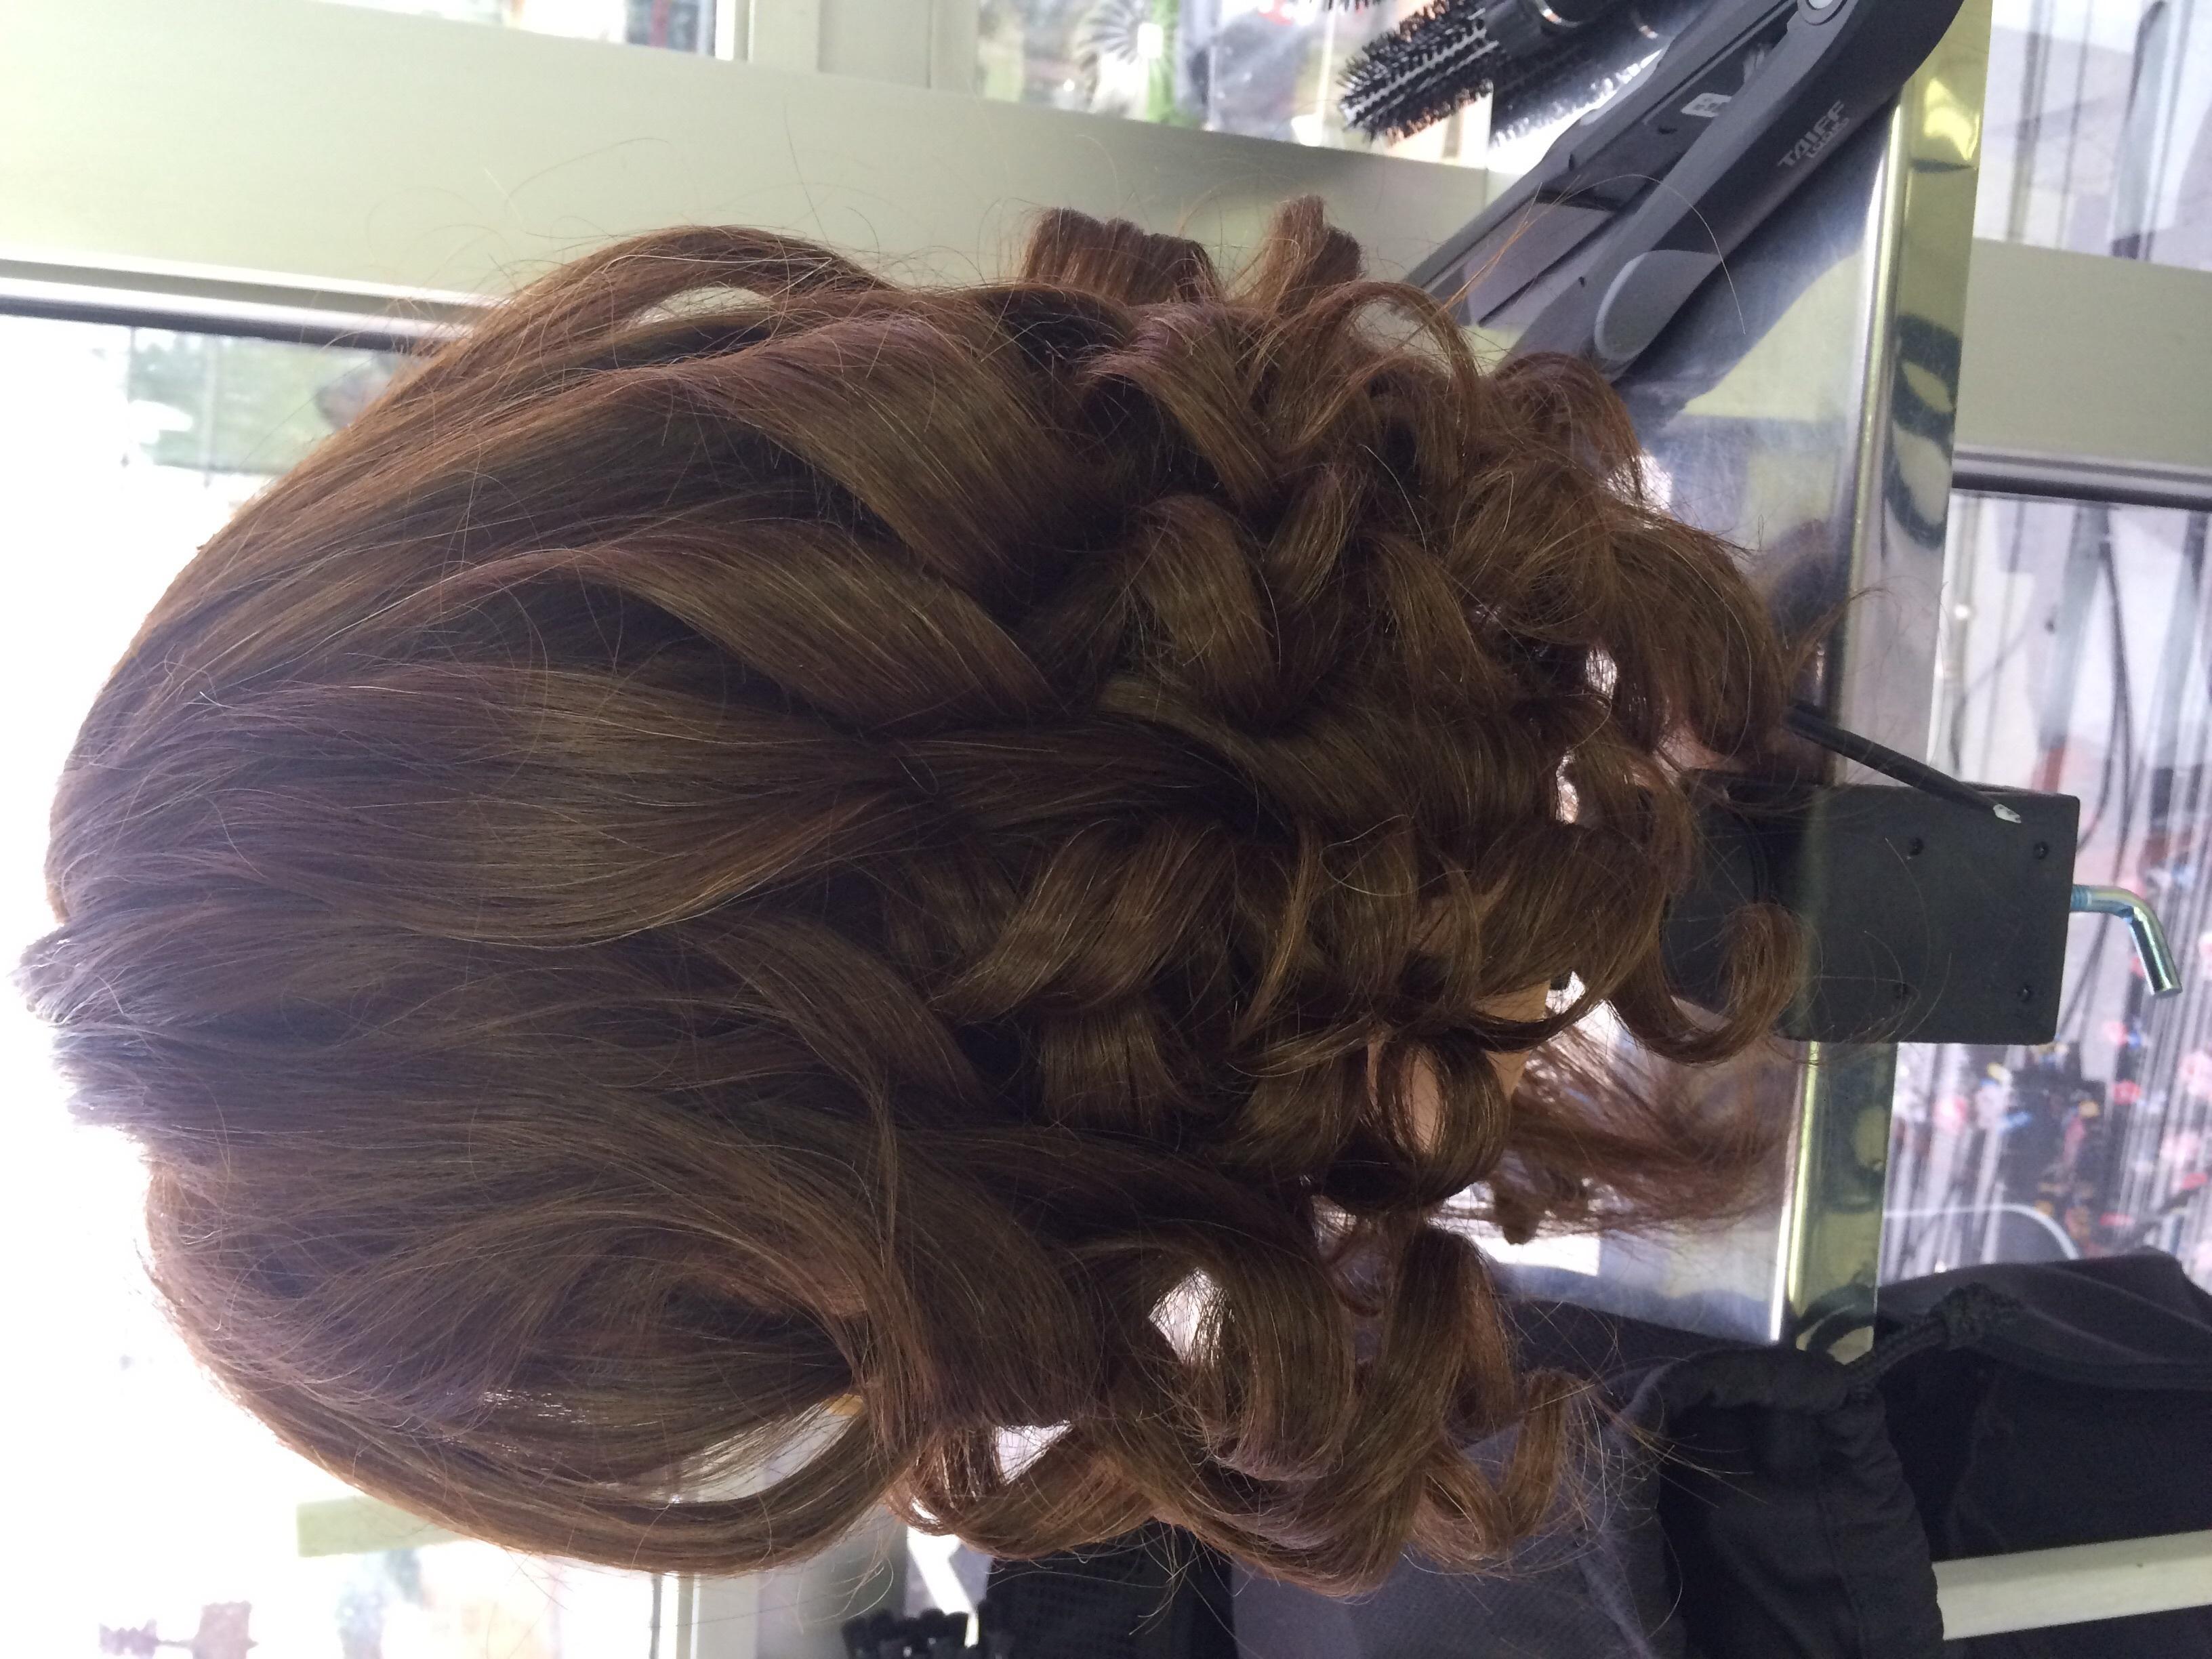 Cabelo modelado com piastra auxiliar cabeleireiro(a)